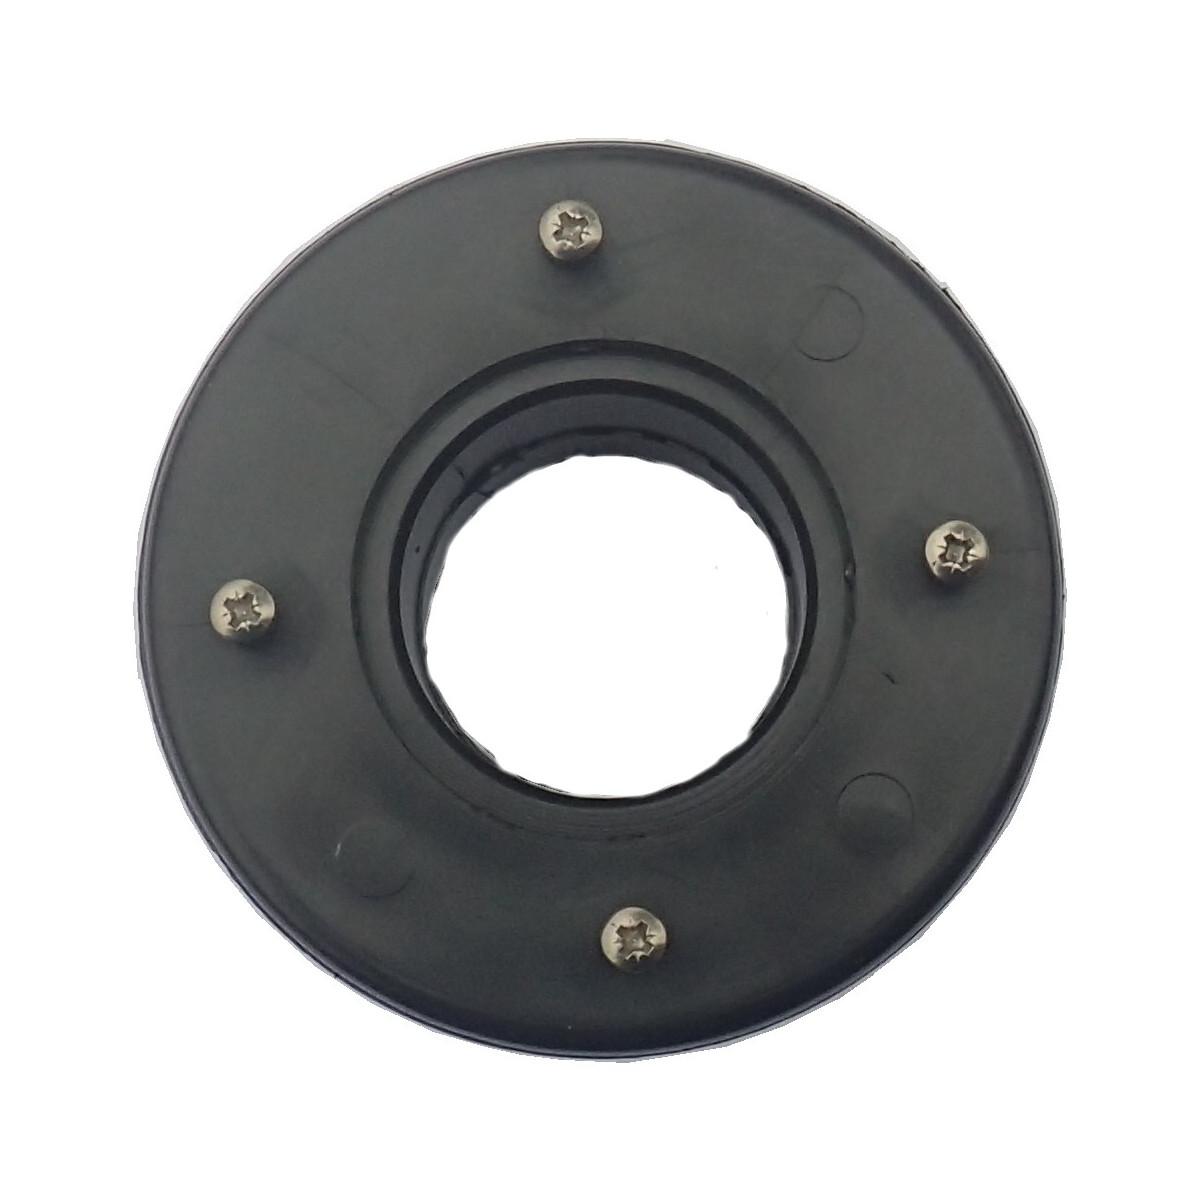 RST-VERSAND (Eigenmarke) Folienflansch ABS 40 mm